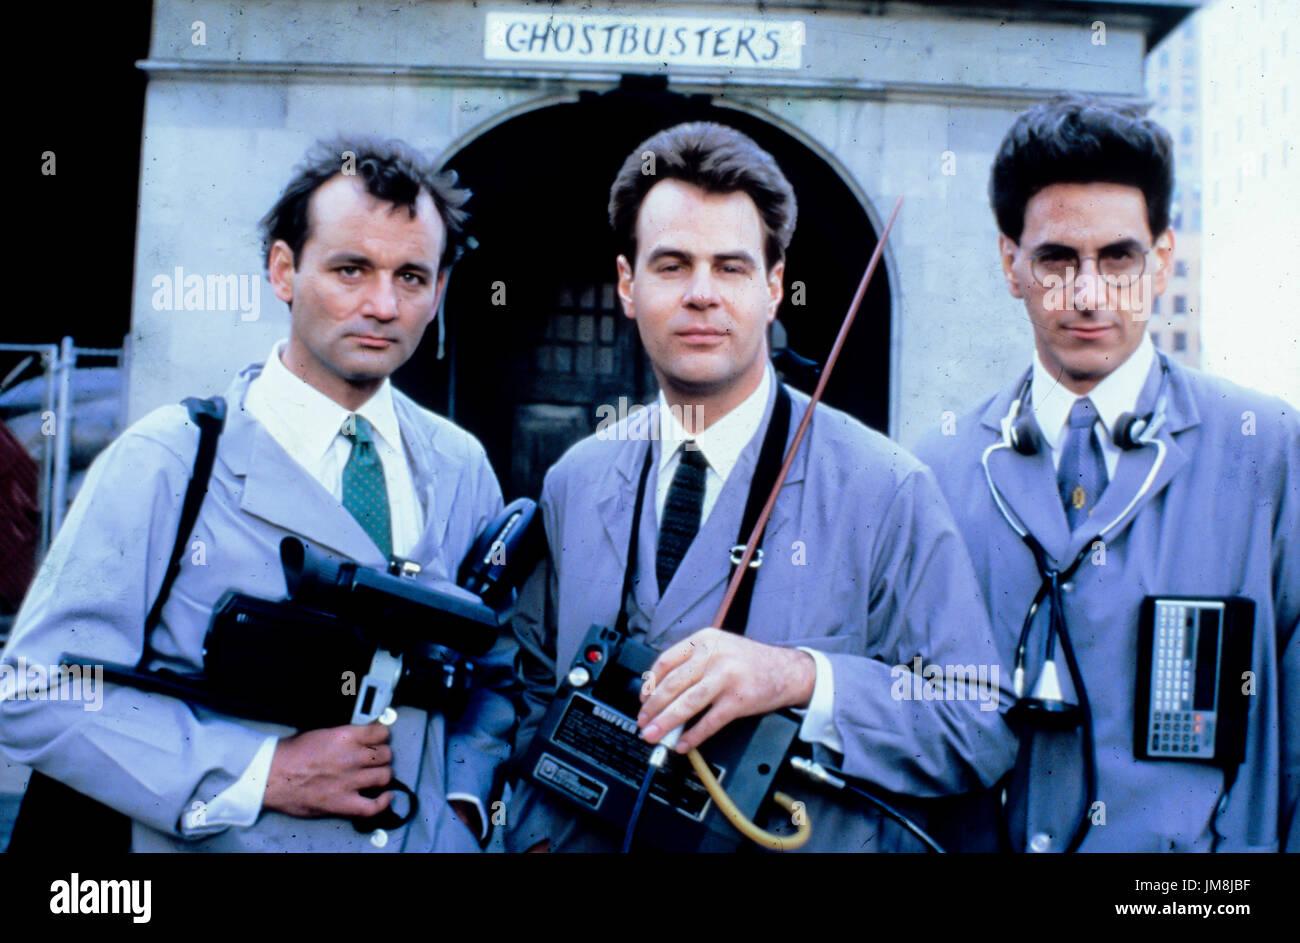 bill murray, harold ramis, dan aykroyd, ghostbusters II, 1989 - Stock Image